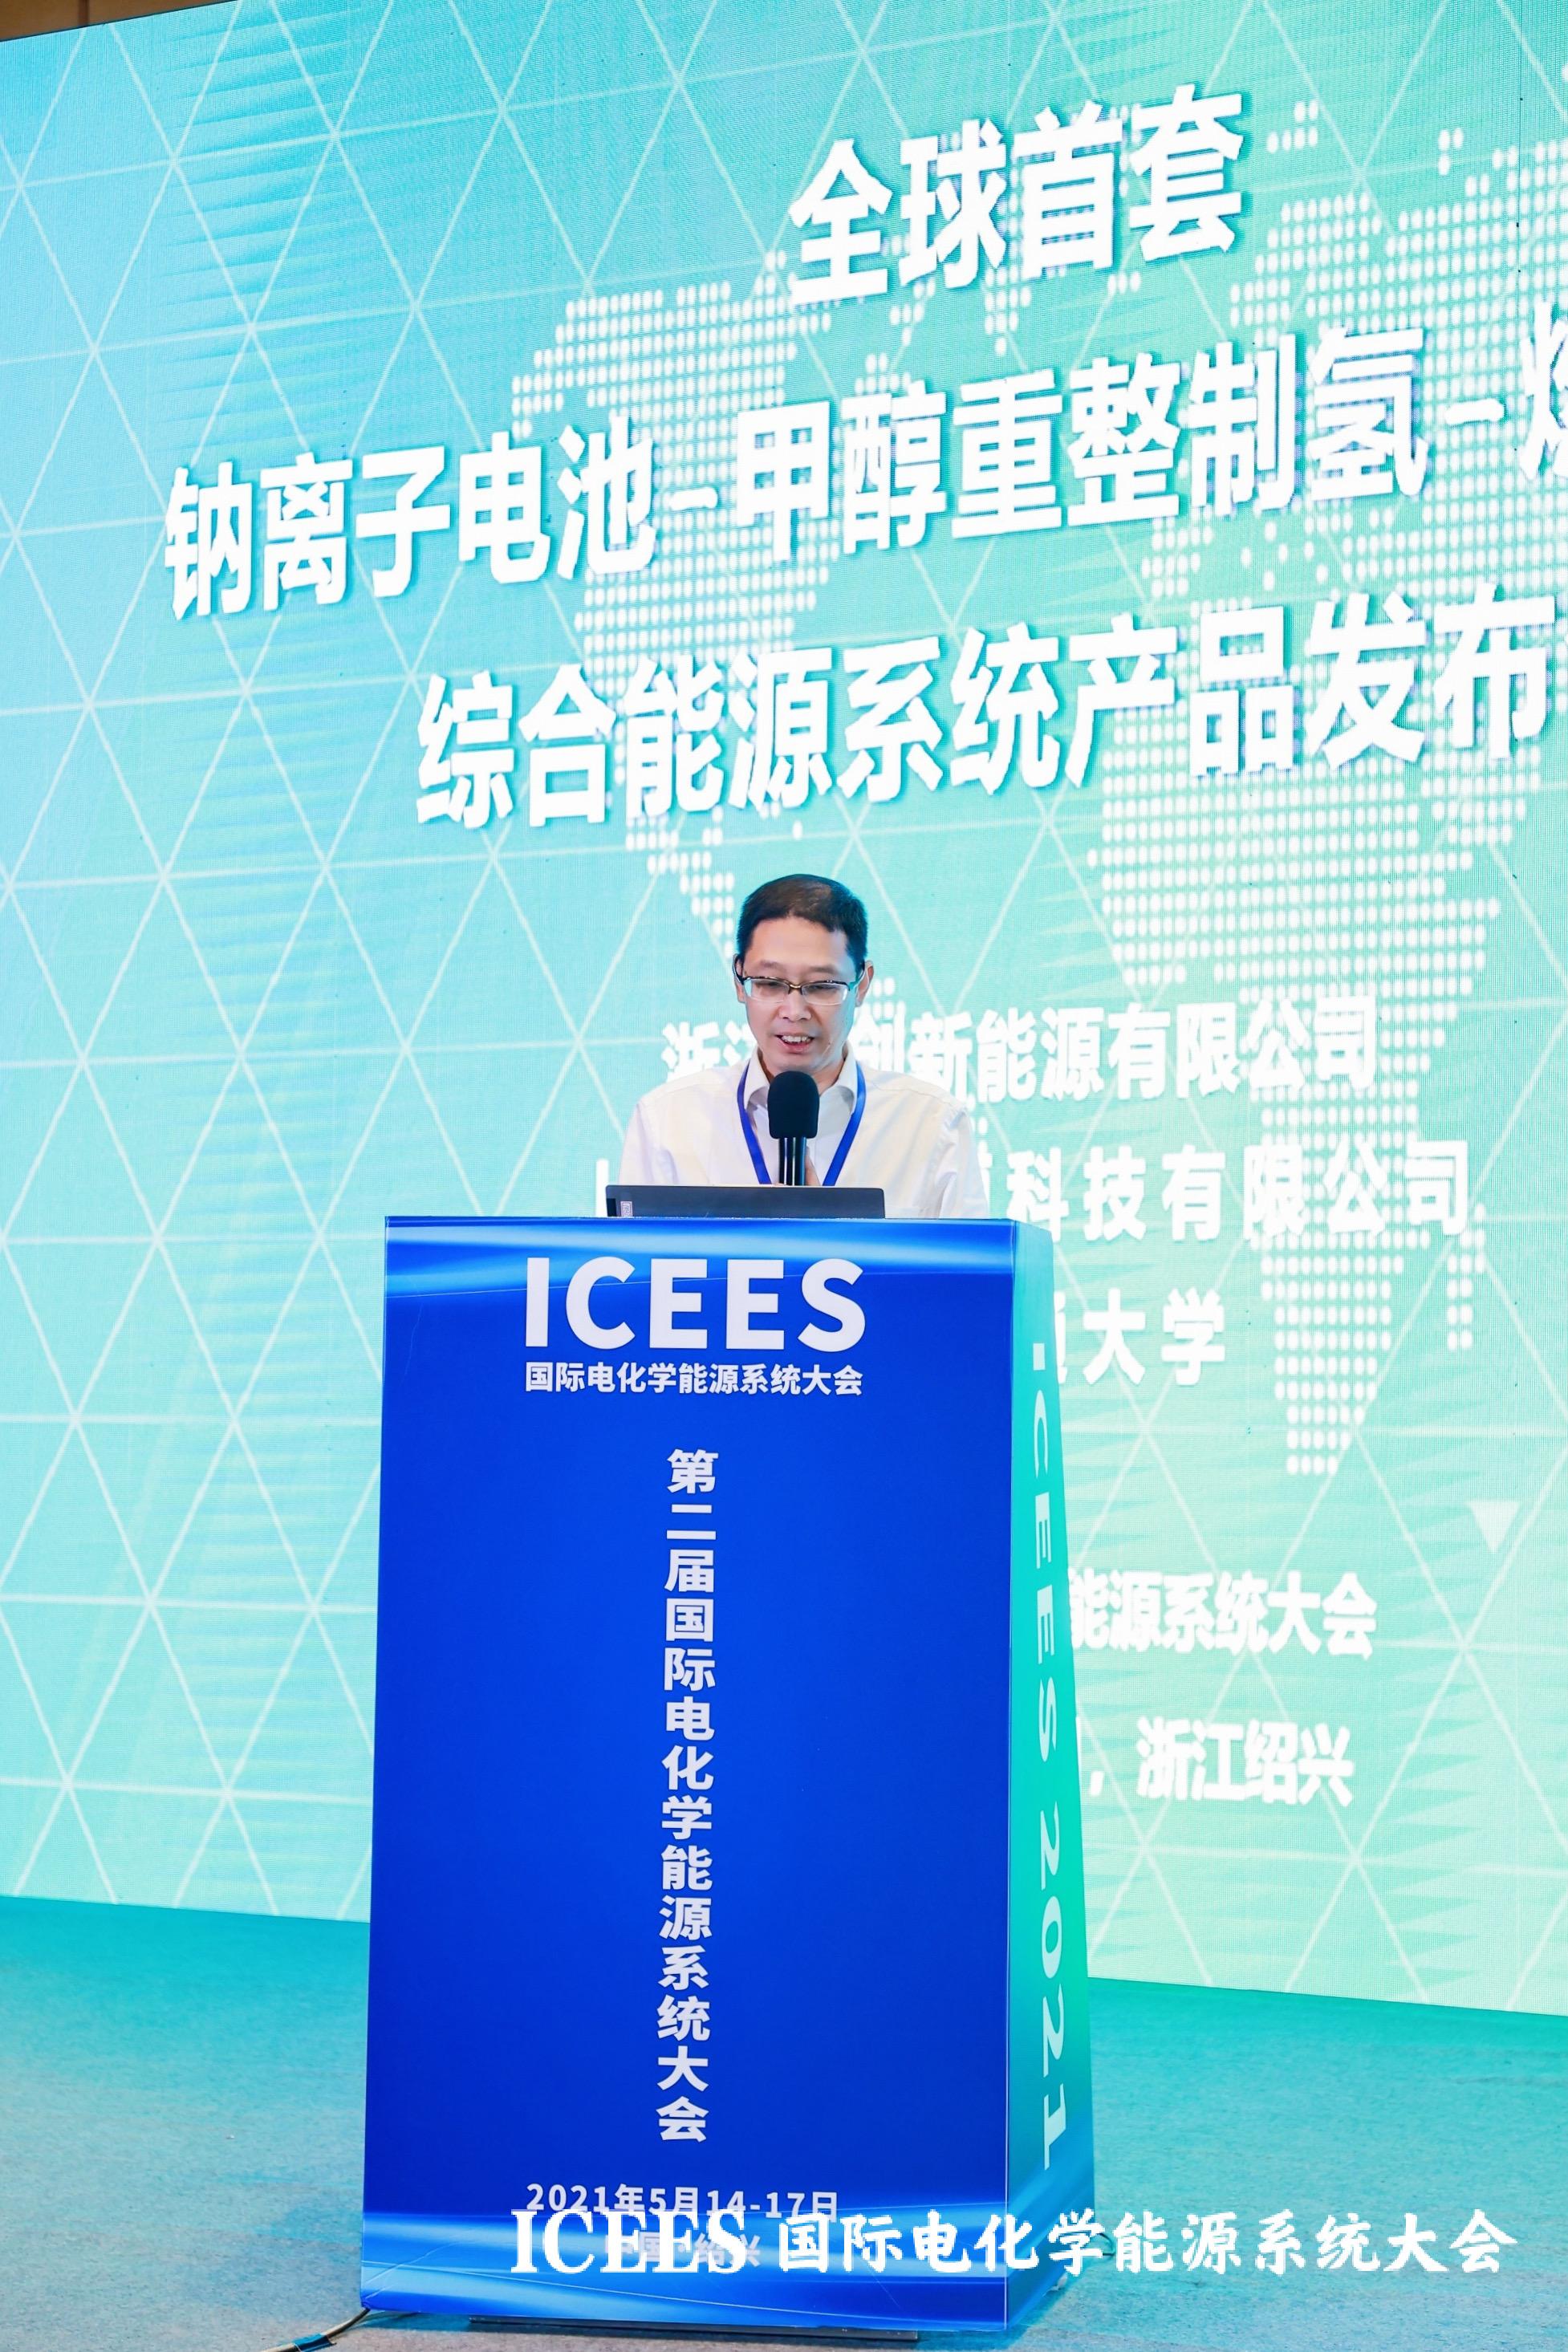 全球首套钠离子电池-甲醇重整制氢-燃料电池综合能源系统产品发布!